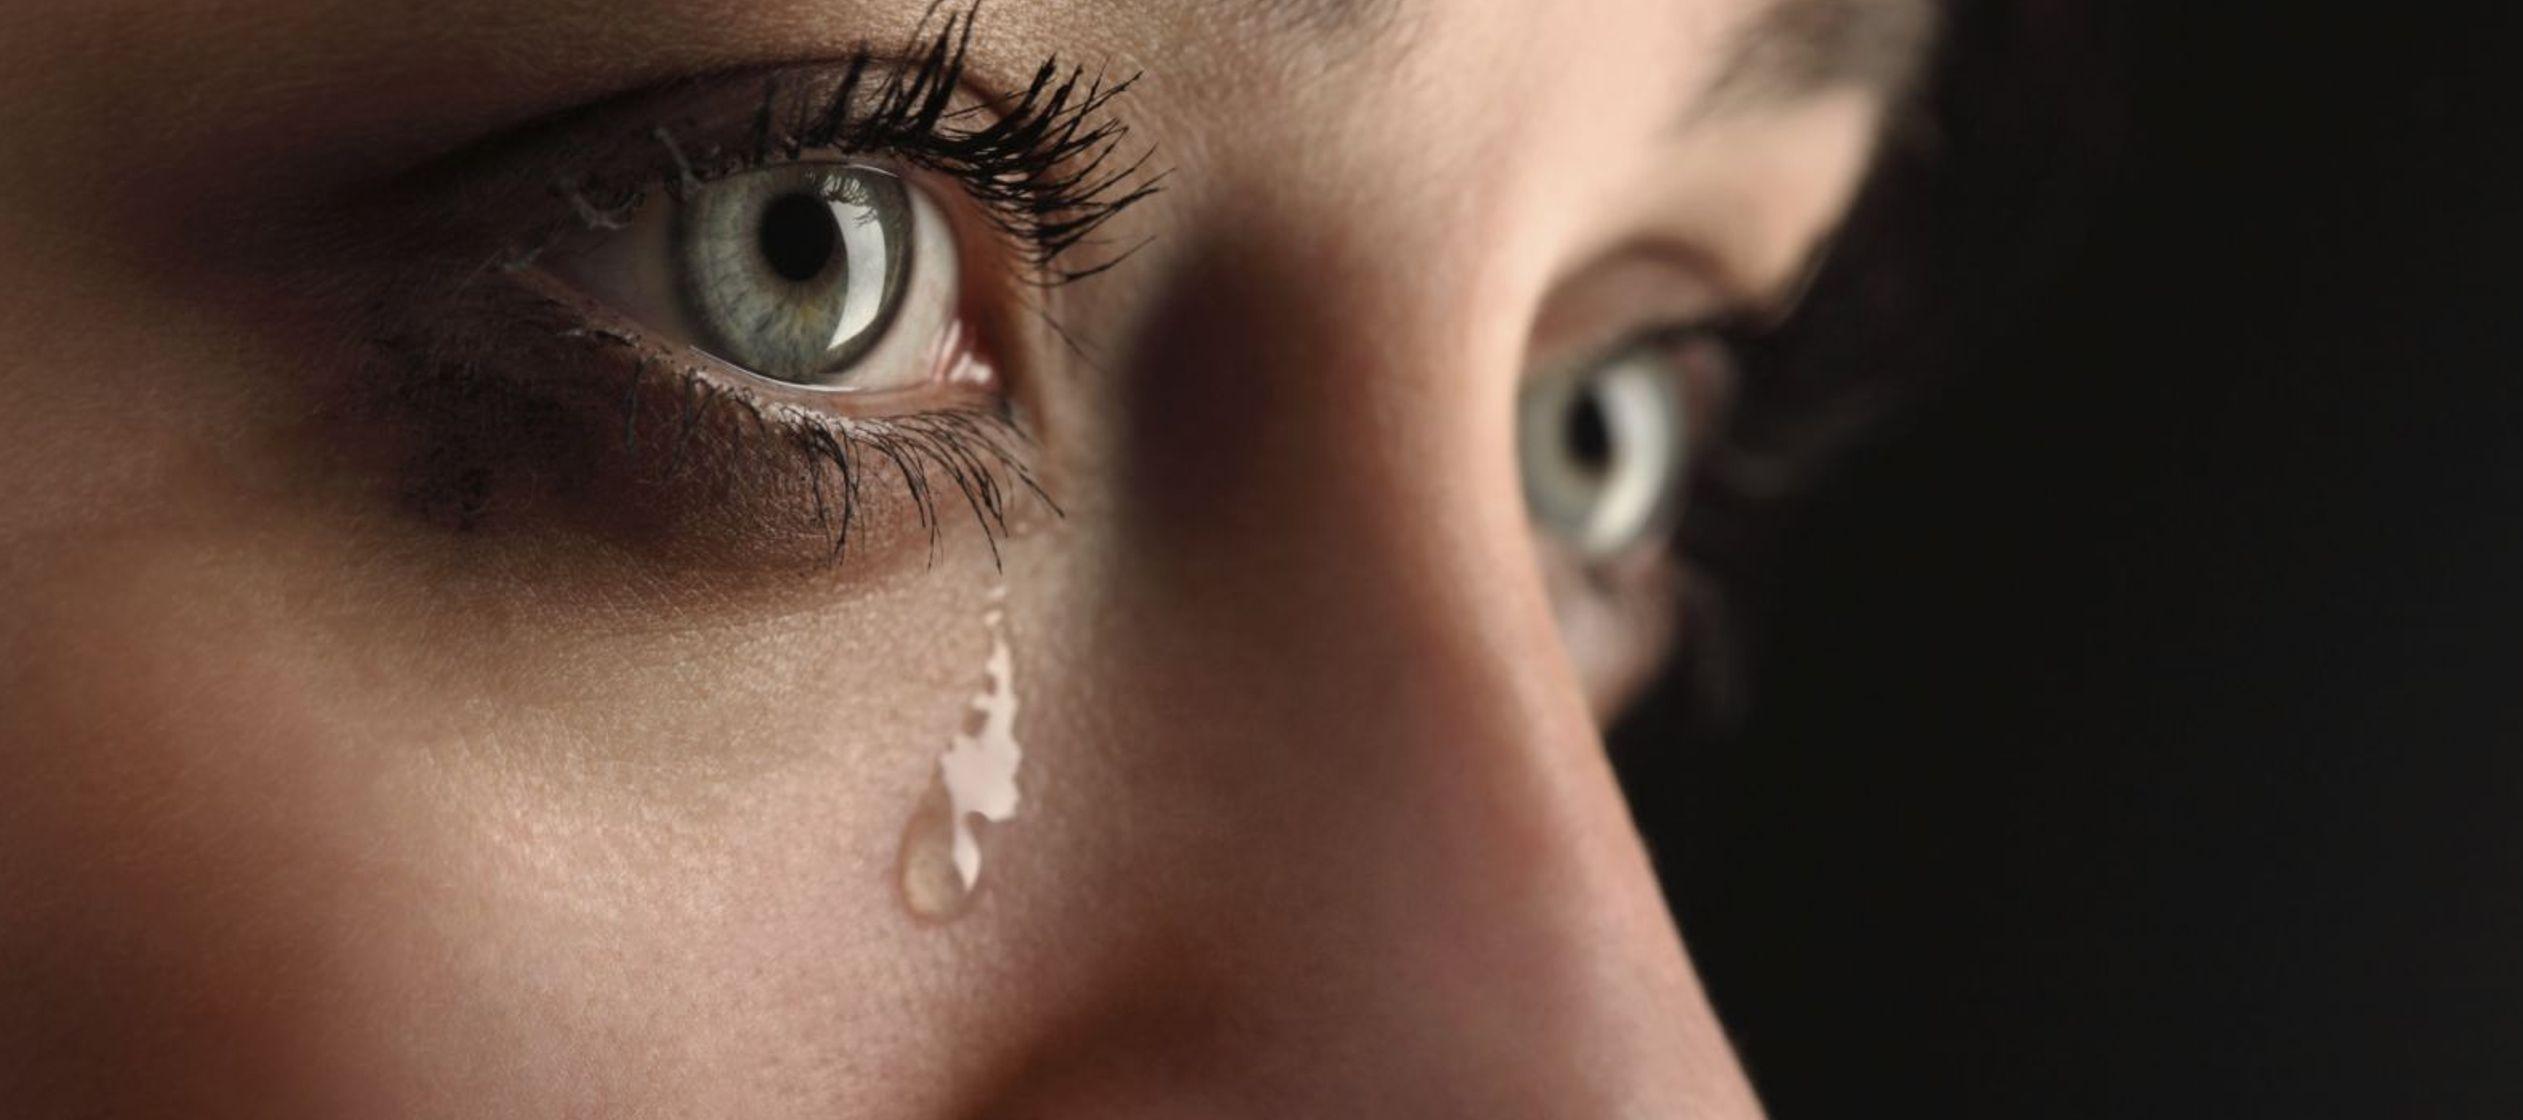 La experiencia del dolor tiene su ciclo, es importante pasar por cada parte del proceso y respetar...